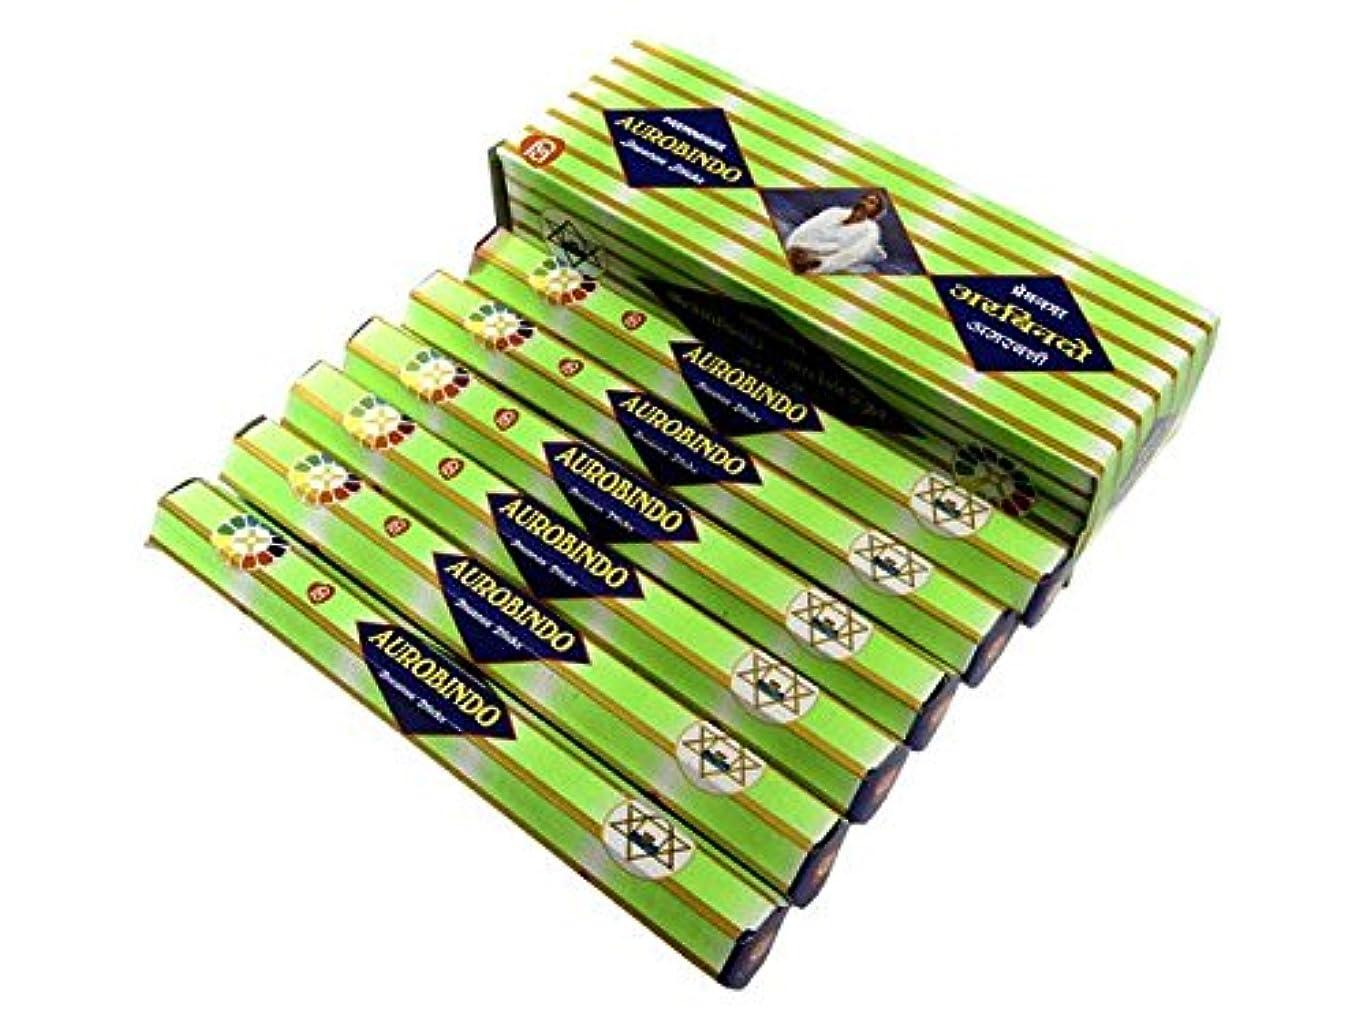 収縮キリマンジャロANANTH(アナンス) オーロビンド香 スティック AUROBINDO 6箱セット